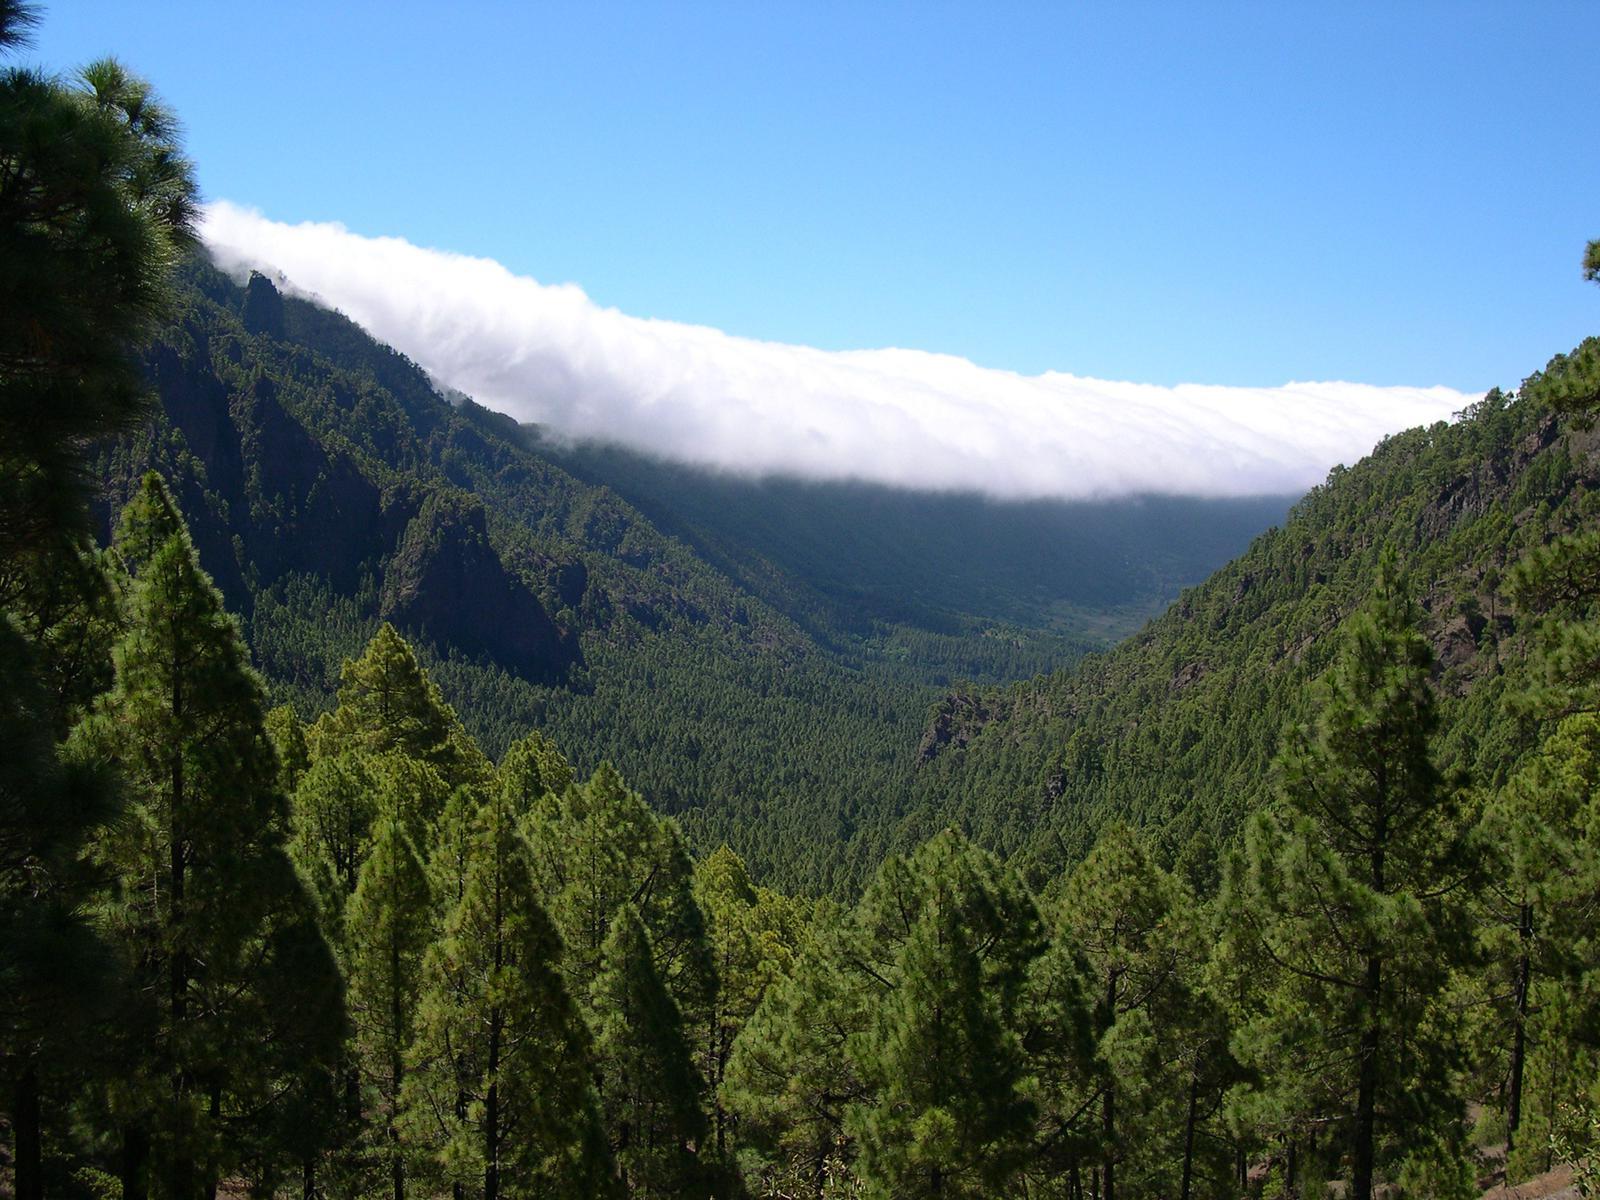 islas España Caldera de Taburiente, La Palma, Canarias